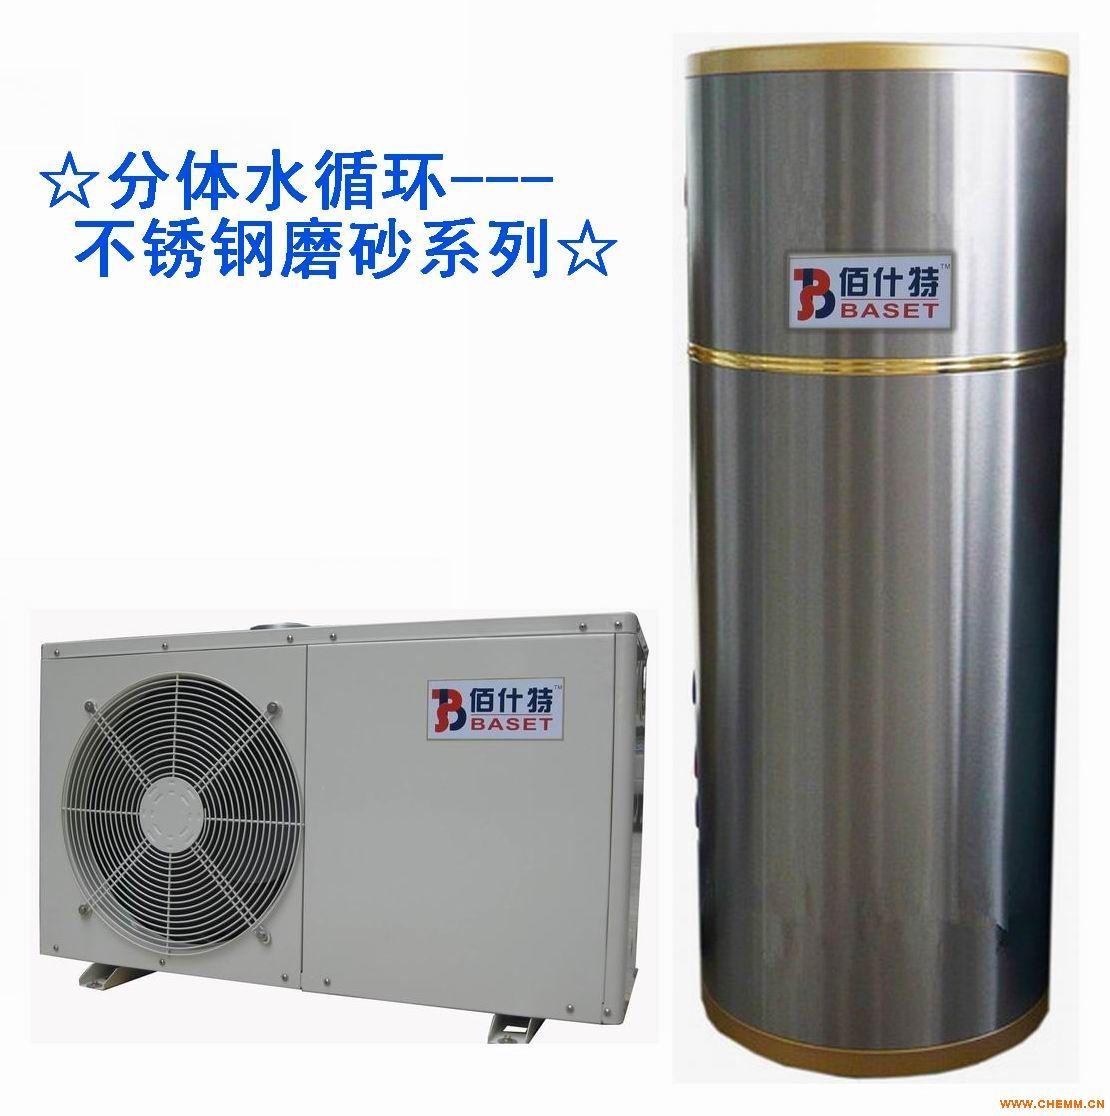 空气能热水器 - 广州佰什特能源科技有限公司